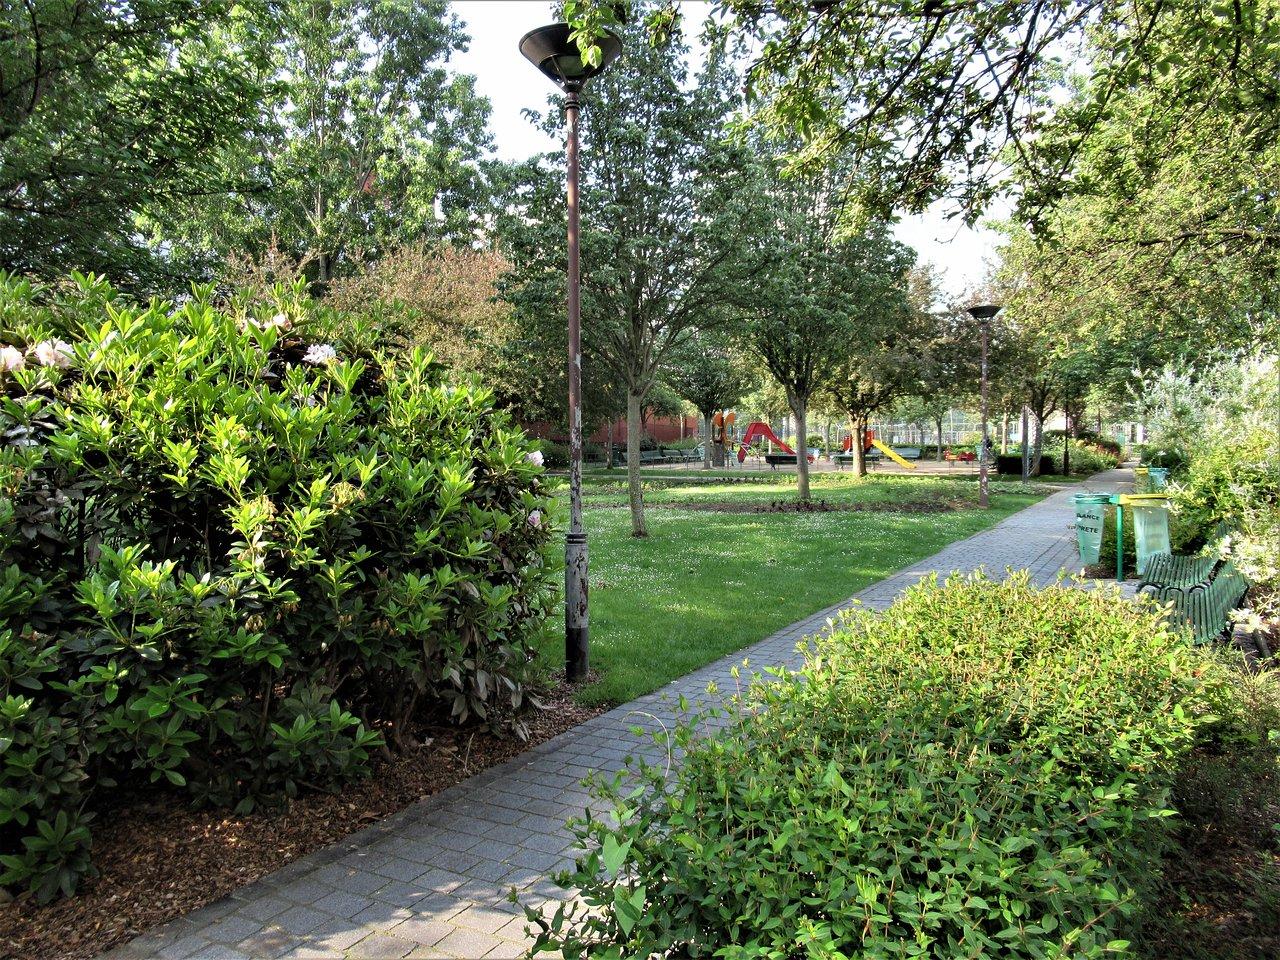 Jardin James-Joyce - Paris - Jardin James-Joyce Yorumları ... tout Allee De Jardin